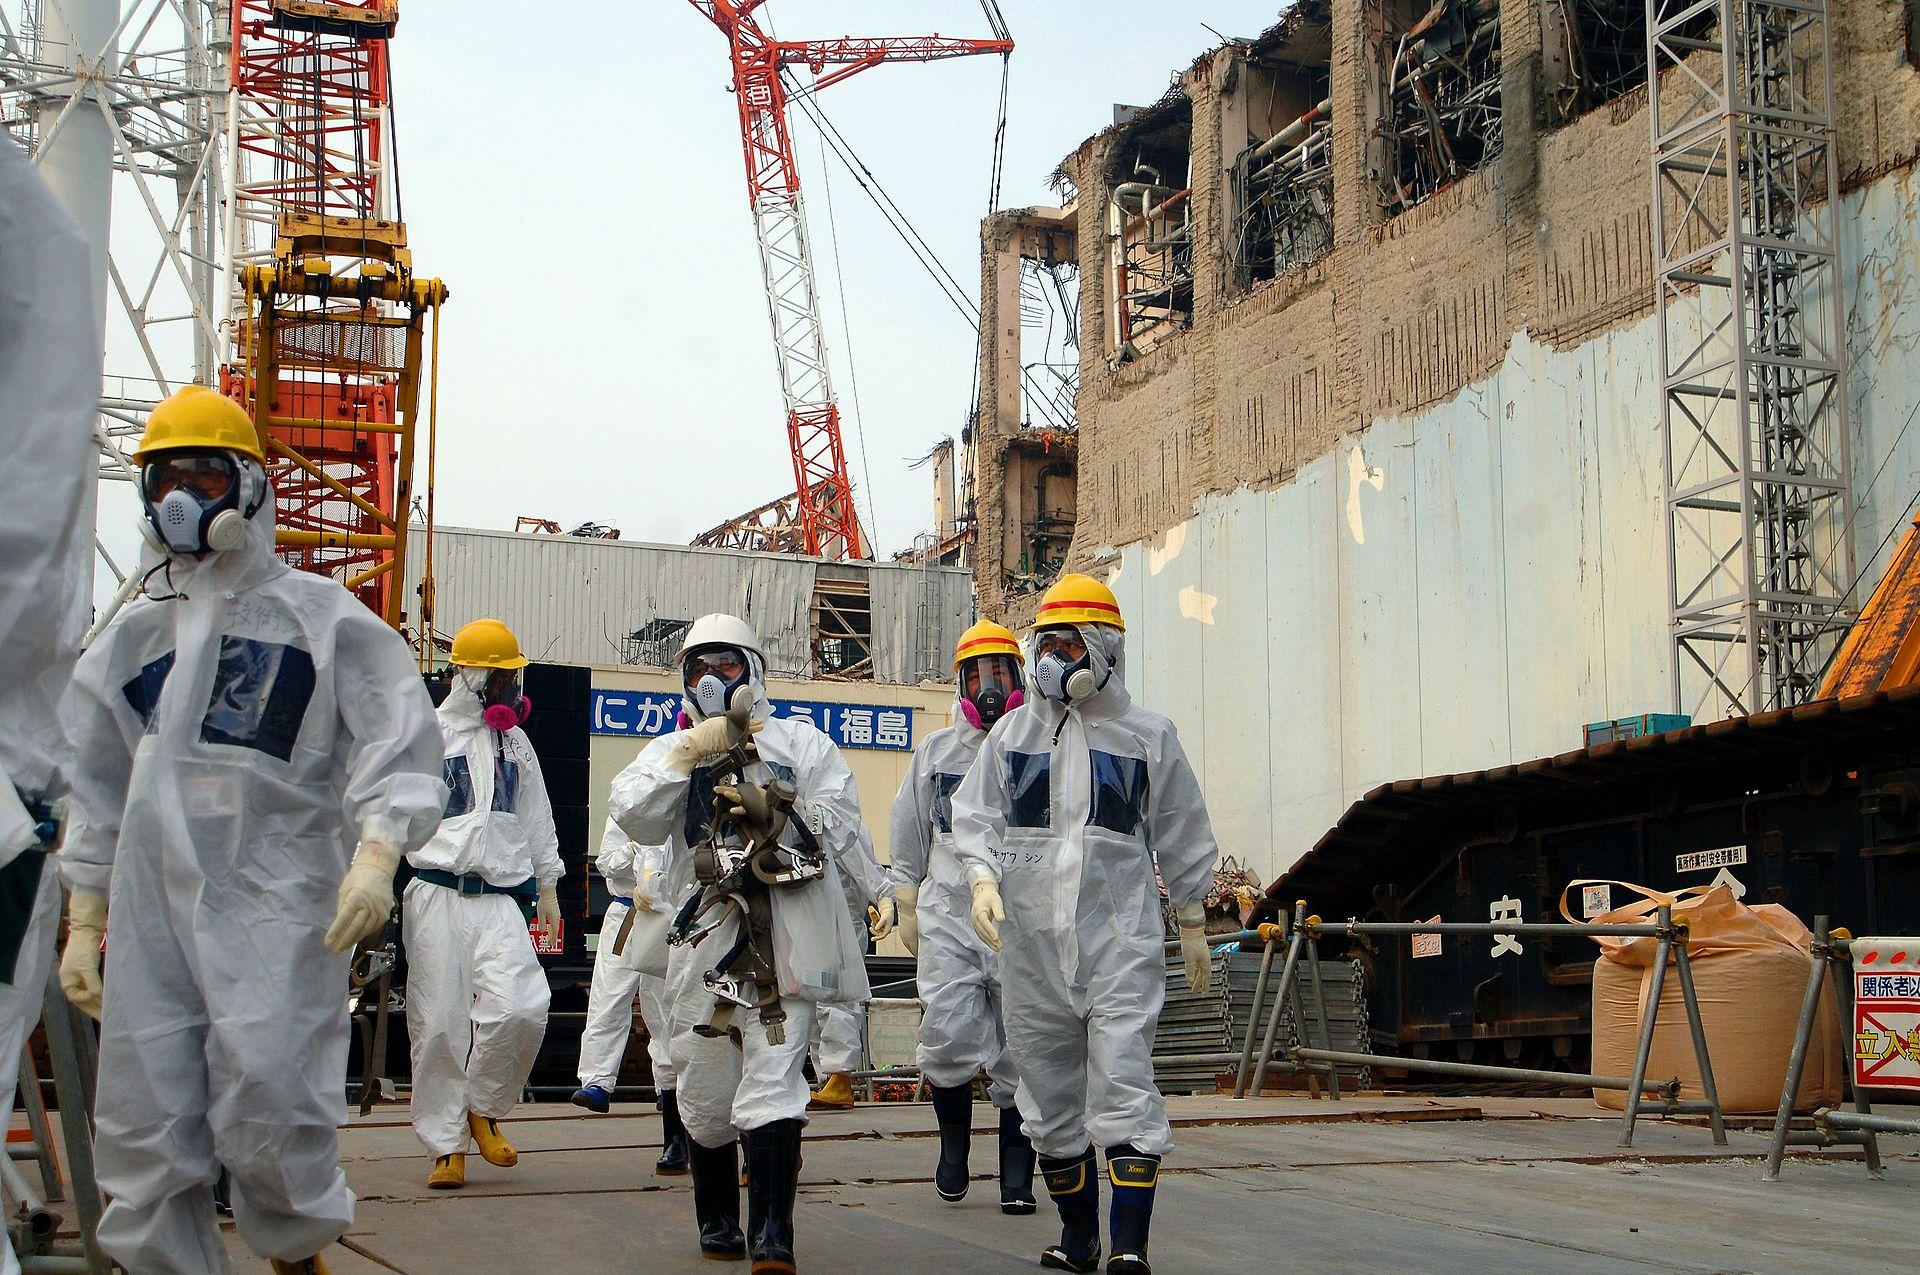 Experts at Fukushima Daiichi Nuclear Power Plant Unit 4, 2013 IAEA Imagebank CC BY-SA 2.0